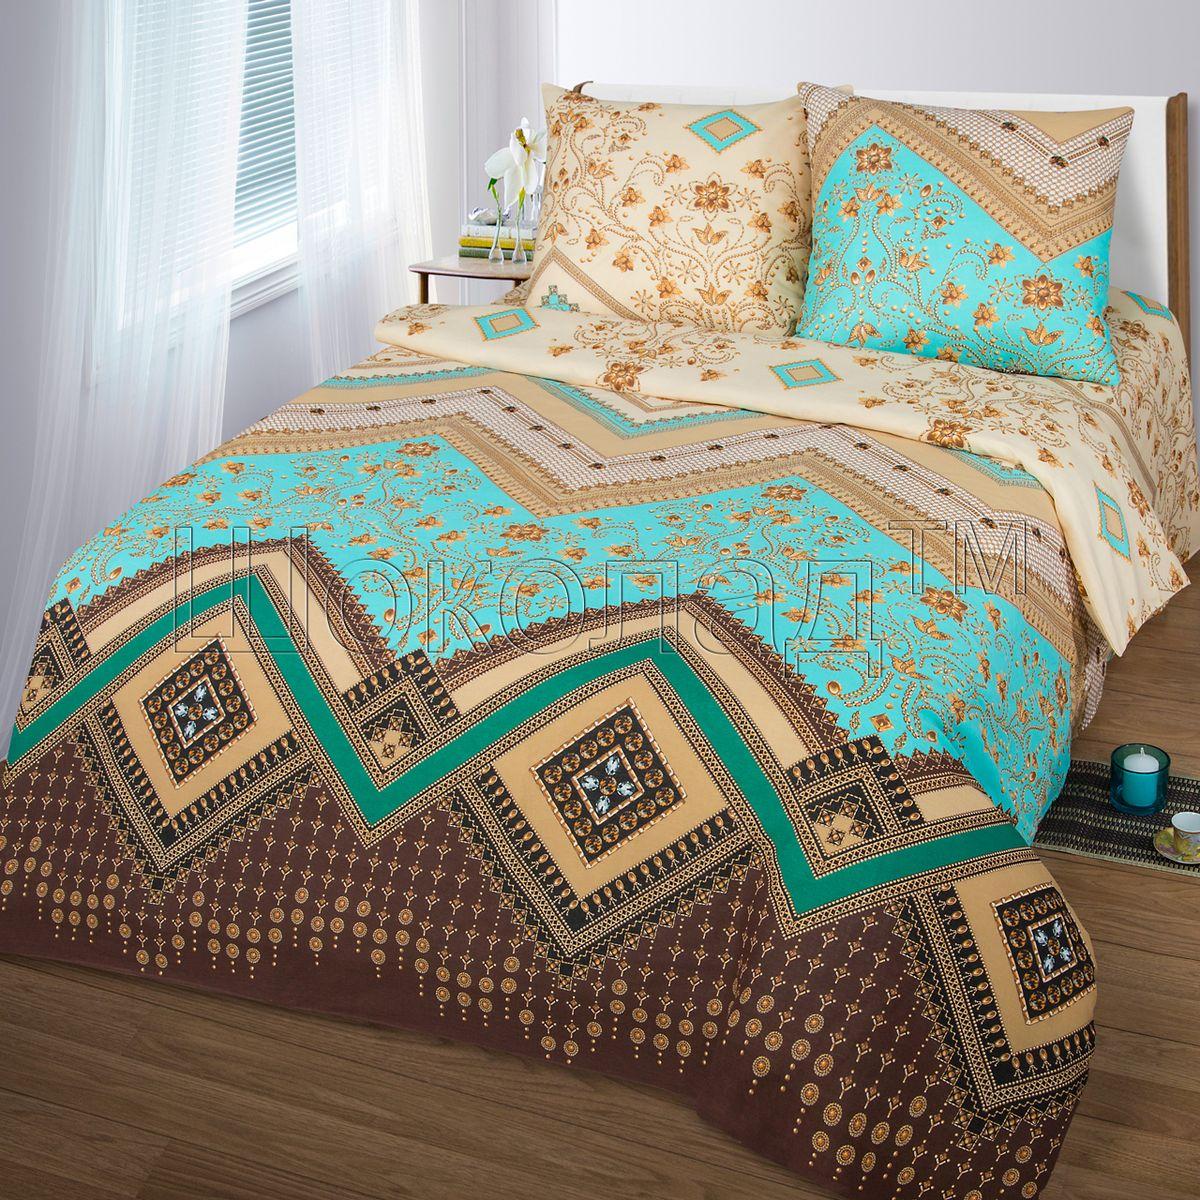 Комплект белья Шоколад Ривьера, 1,5-спальный, наволочки 70x70. Б100Б100Комплект постельного белья Шоколад Ривьера является экологически безопасным для всей семьи, так как выполнен из натурального хлопка. Комплект состоит из пододеяльника, простыни и двух наволочек. Постельное белье оформлено оригинальным рисунком и имеет изысканный внешний вид.Бязь - это ткань полотняного переплетения, изготовленная из экологически чистого и натурального 100% хлопка. Она прочная, мягкая, обладает низкой сминаемостью, легко стирается и хорошо гладится. Бязь прекрасно пропускает воздух и за ней легко ухаживать. При соблюдении рекомендуемых условий стирки, сушки и глажения ткань имеет усадку по ГОСТу, сохранятся яркость текстильных рисунков. Приобретая комплект постельного белья Шоколад Ривьера вы можете быть уверены в том, что покупка доставит вам и вашим близким удовольствие и подарит максимальный комфорт.